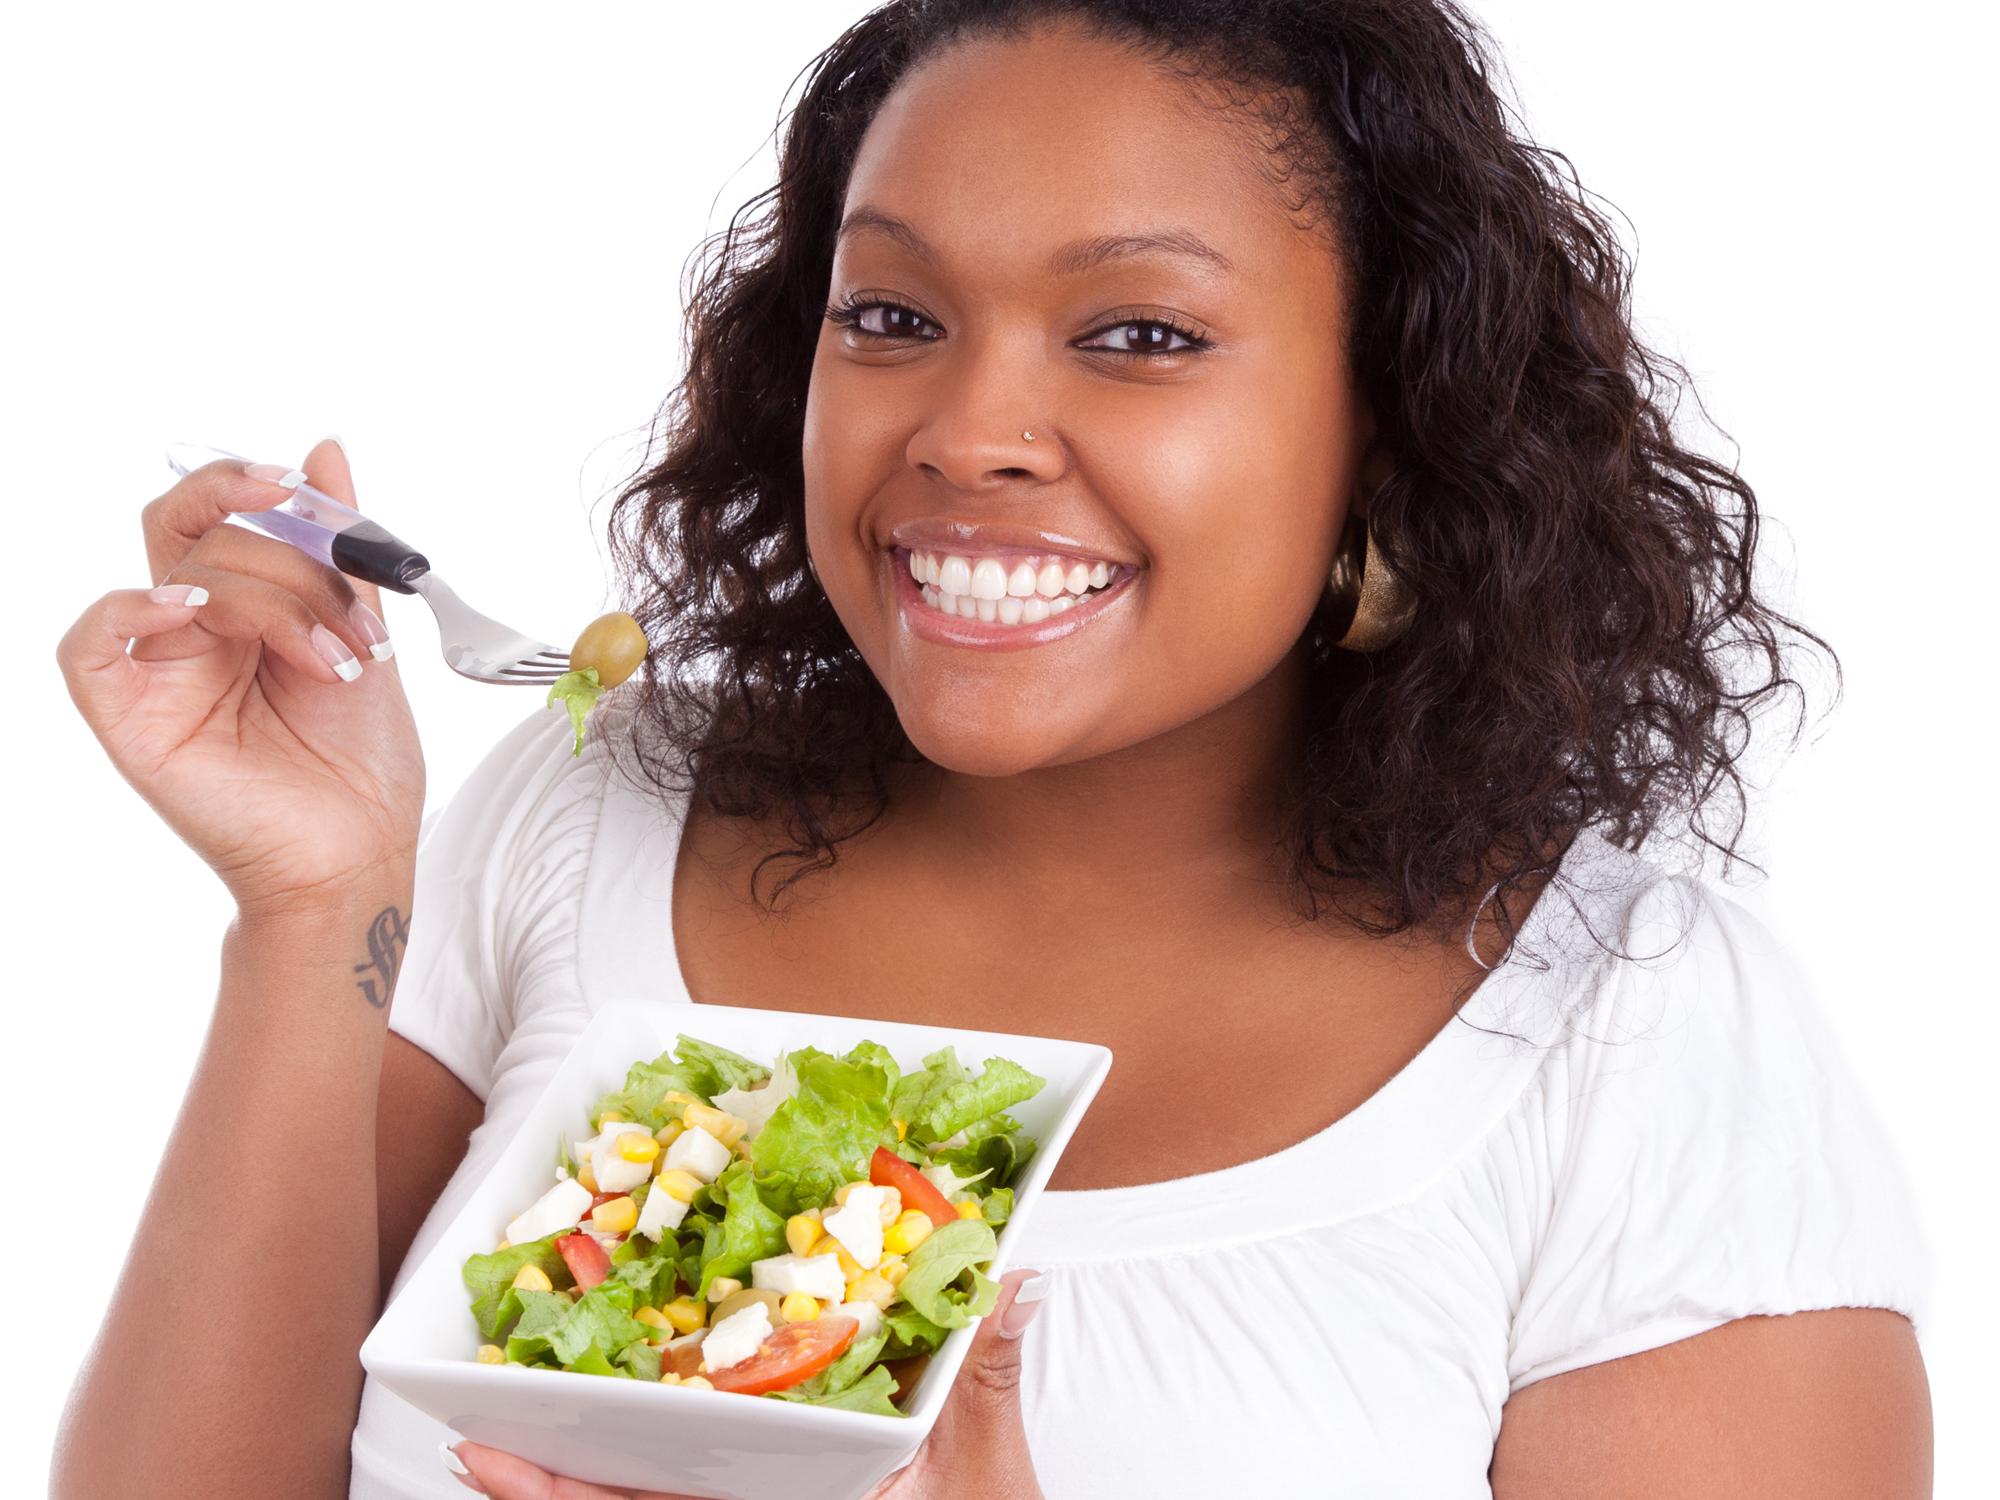 Cancer-shrinking greens bring back your salad days